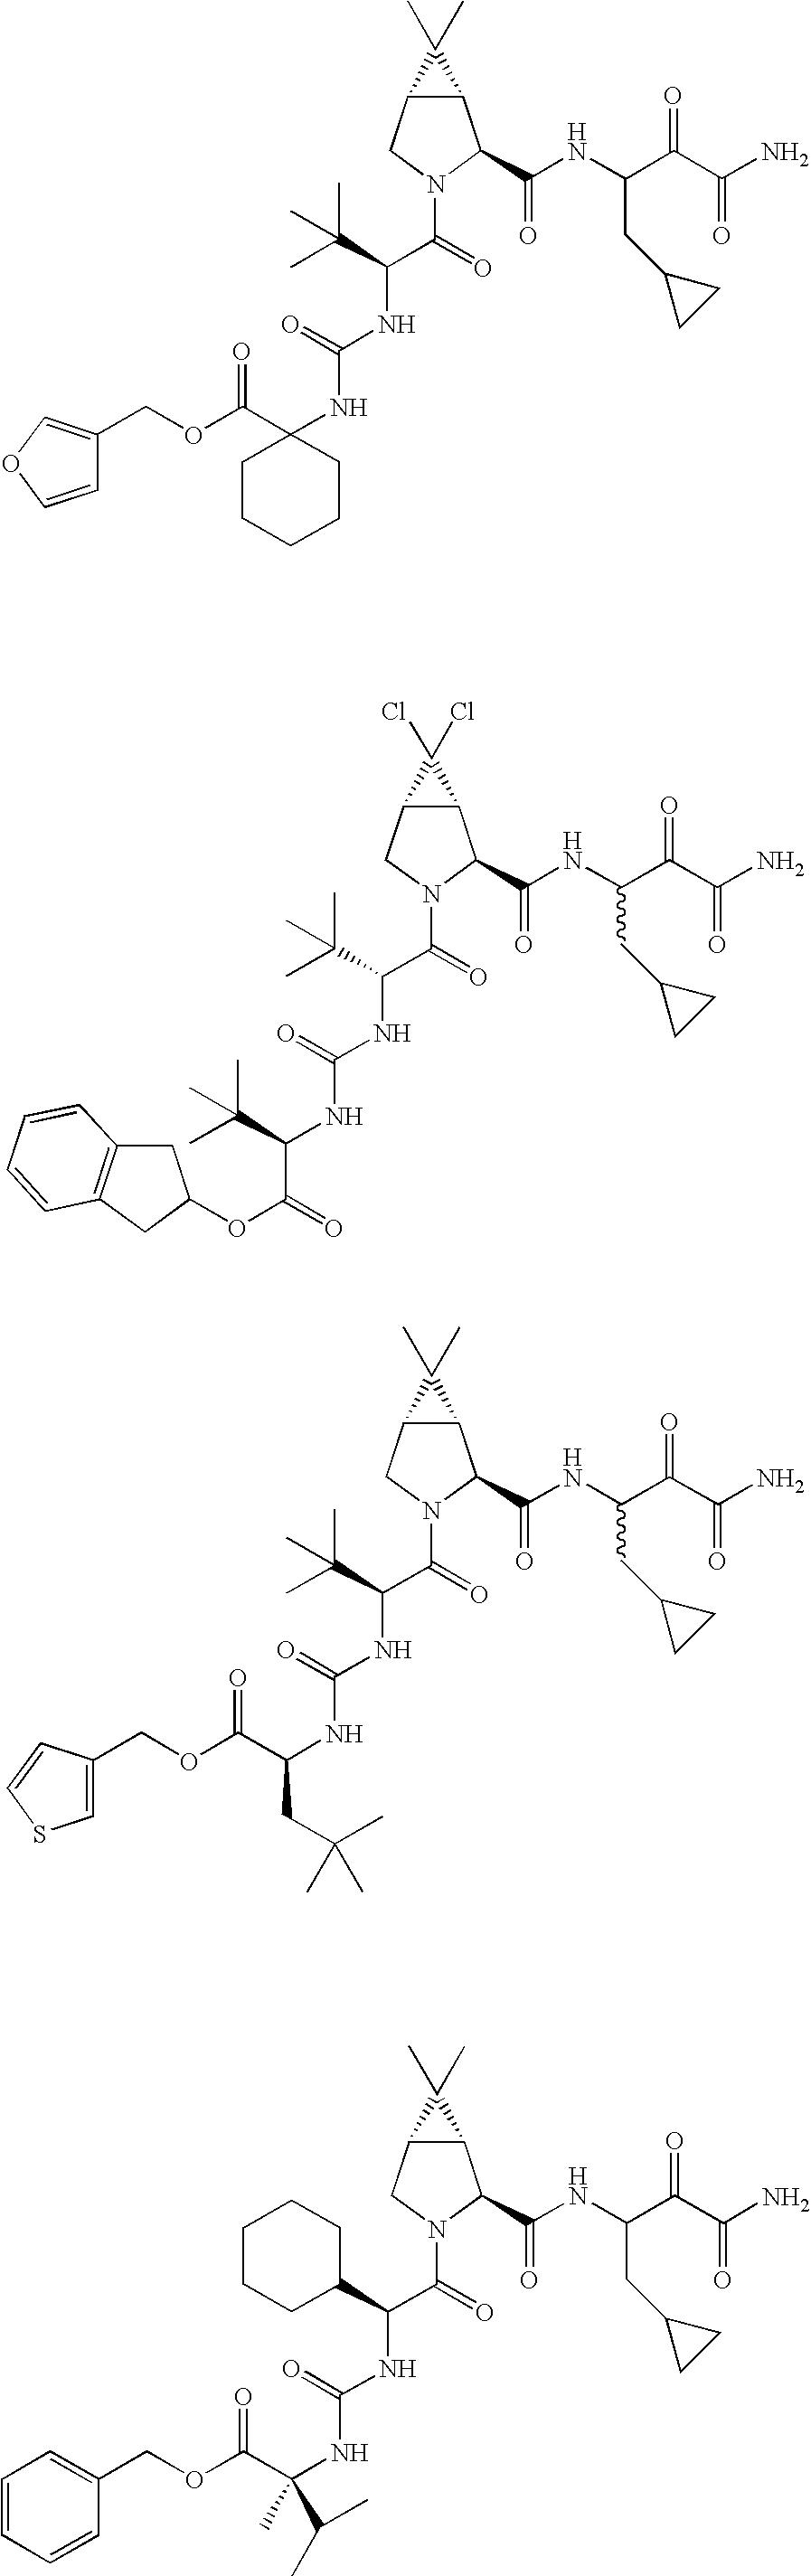 Figure US20060287248A1-20061221-C00286